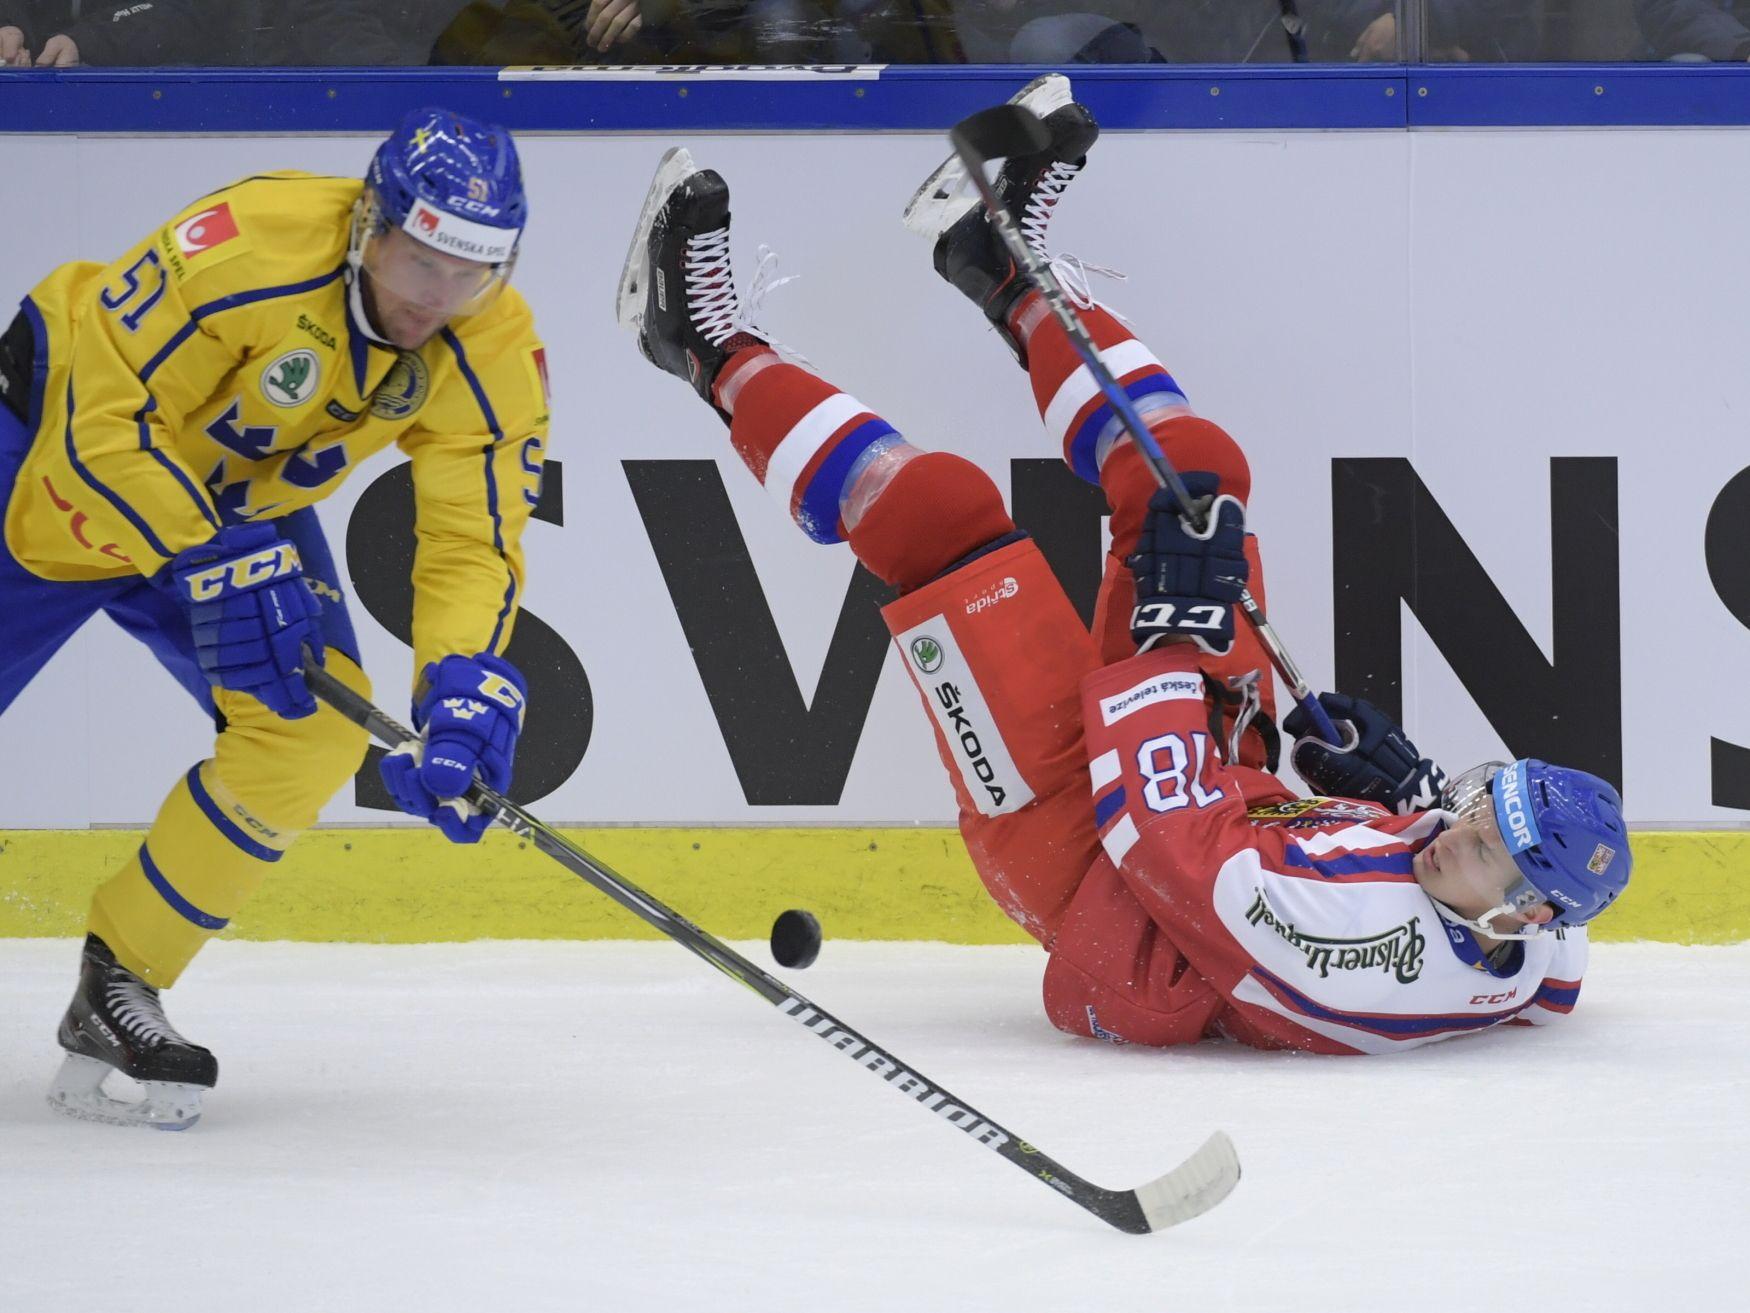 8fe92e1257ce2 Živě: Čeští hokejisté vyhráli na Channel One Cupu i potřetí, Švédy porazili  4:1 - Aktuálně.cz